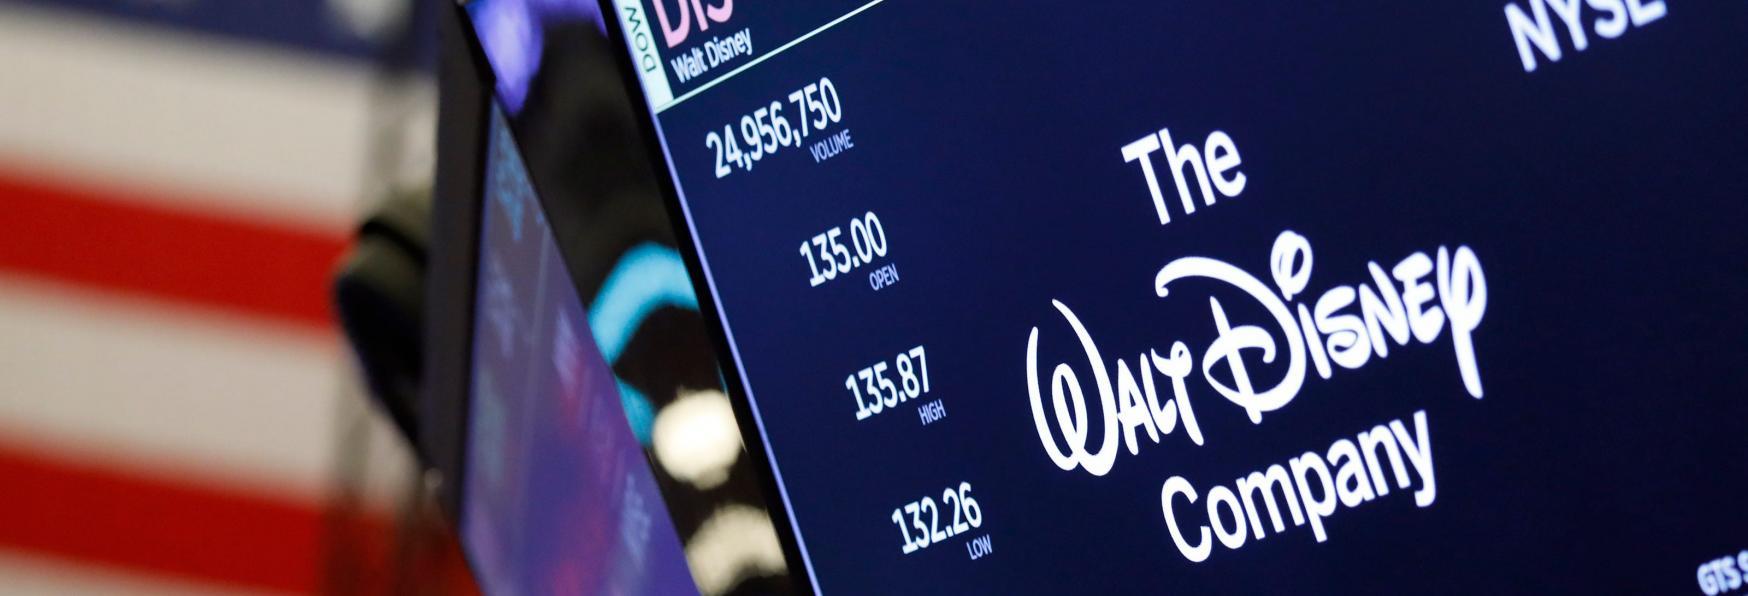 Disney+: la Piattaforma di Streaming viene valutata 100 Milioni di Dollari dagli investitori